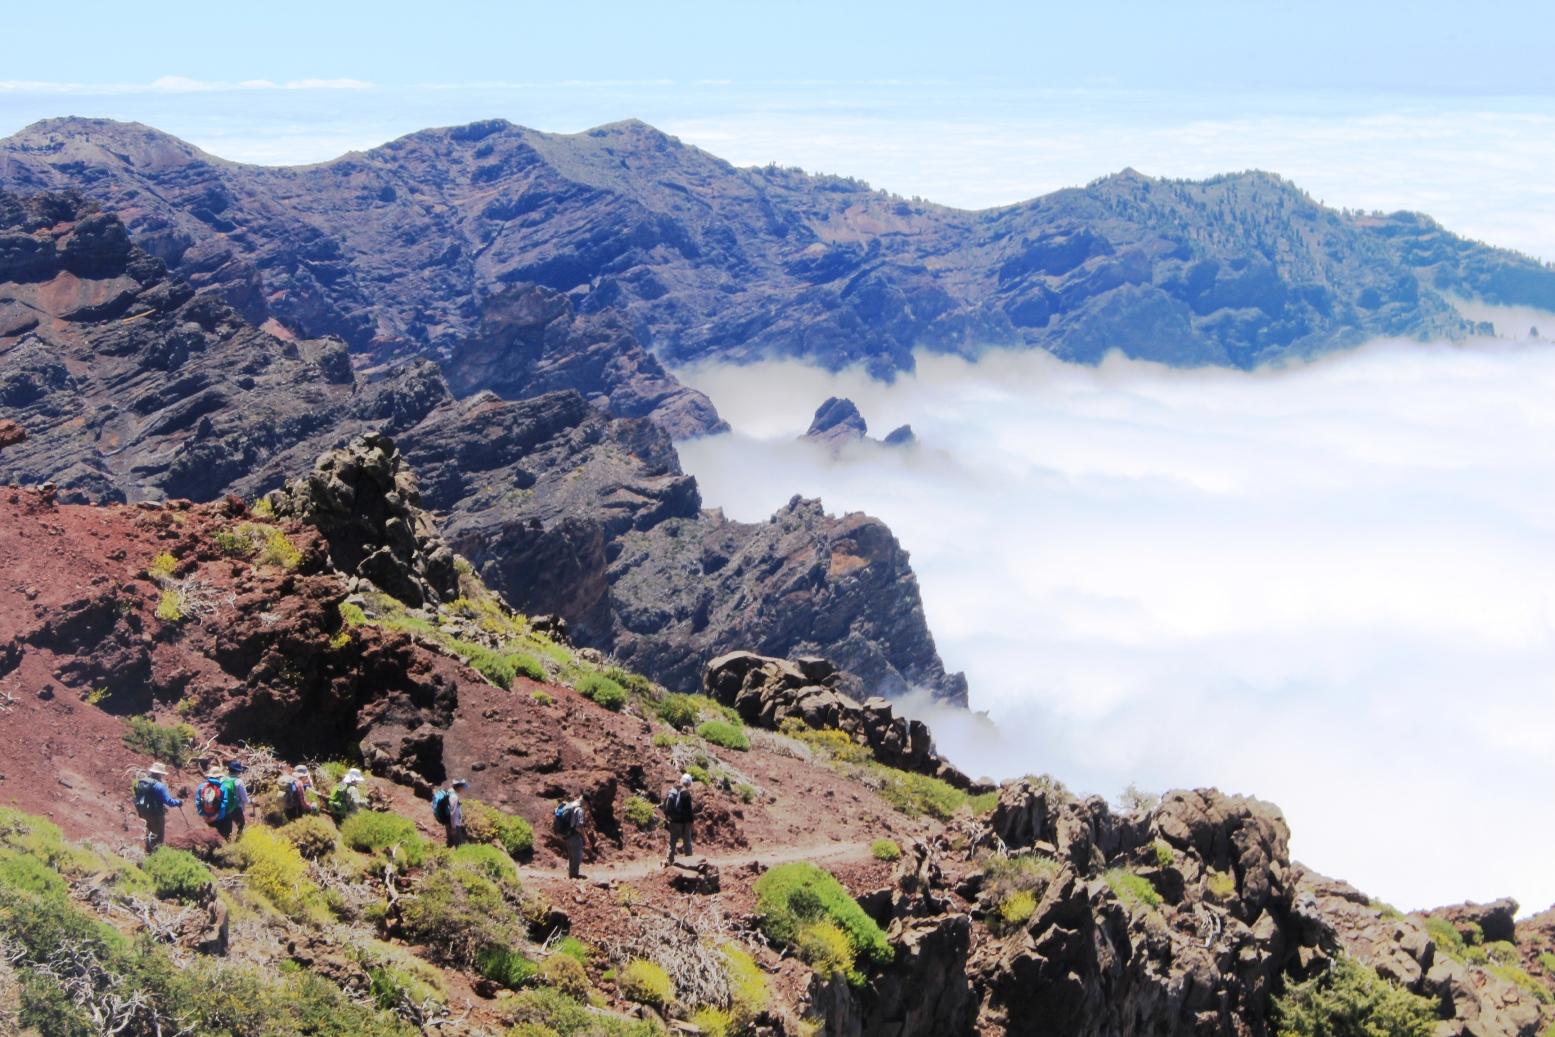 【創業50周年記念特別企画 】ハイキングでめぐる魅惑のカナリア諸島4島クルーズとマデイラ諸島、モロッコ 12日間